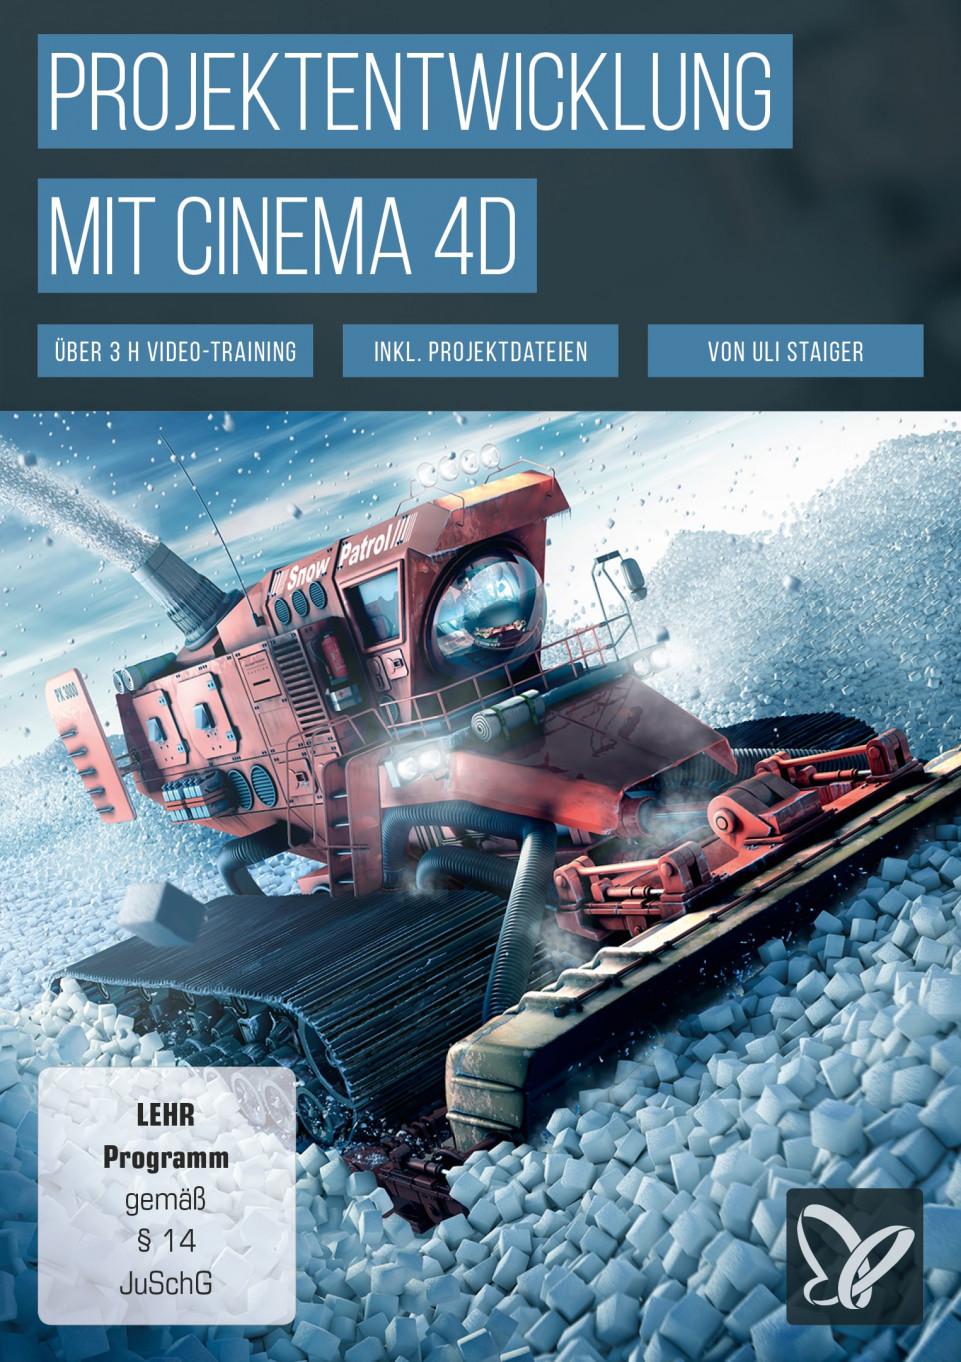 projektentwicklung-mit-cinema-4d--onix